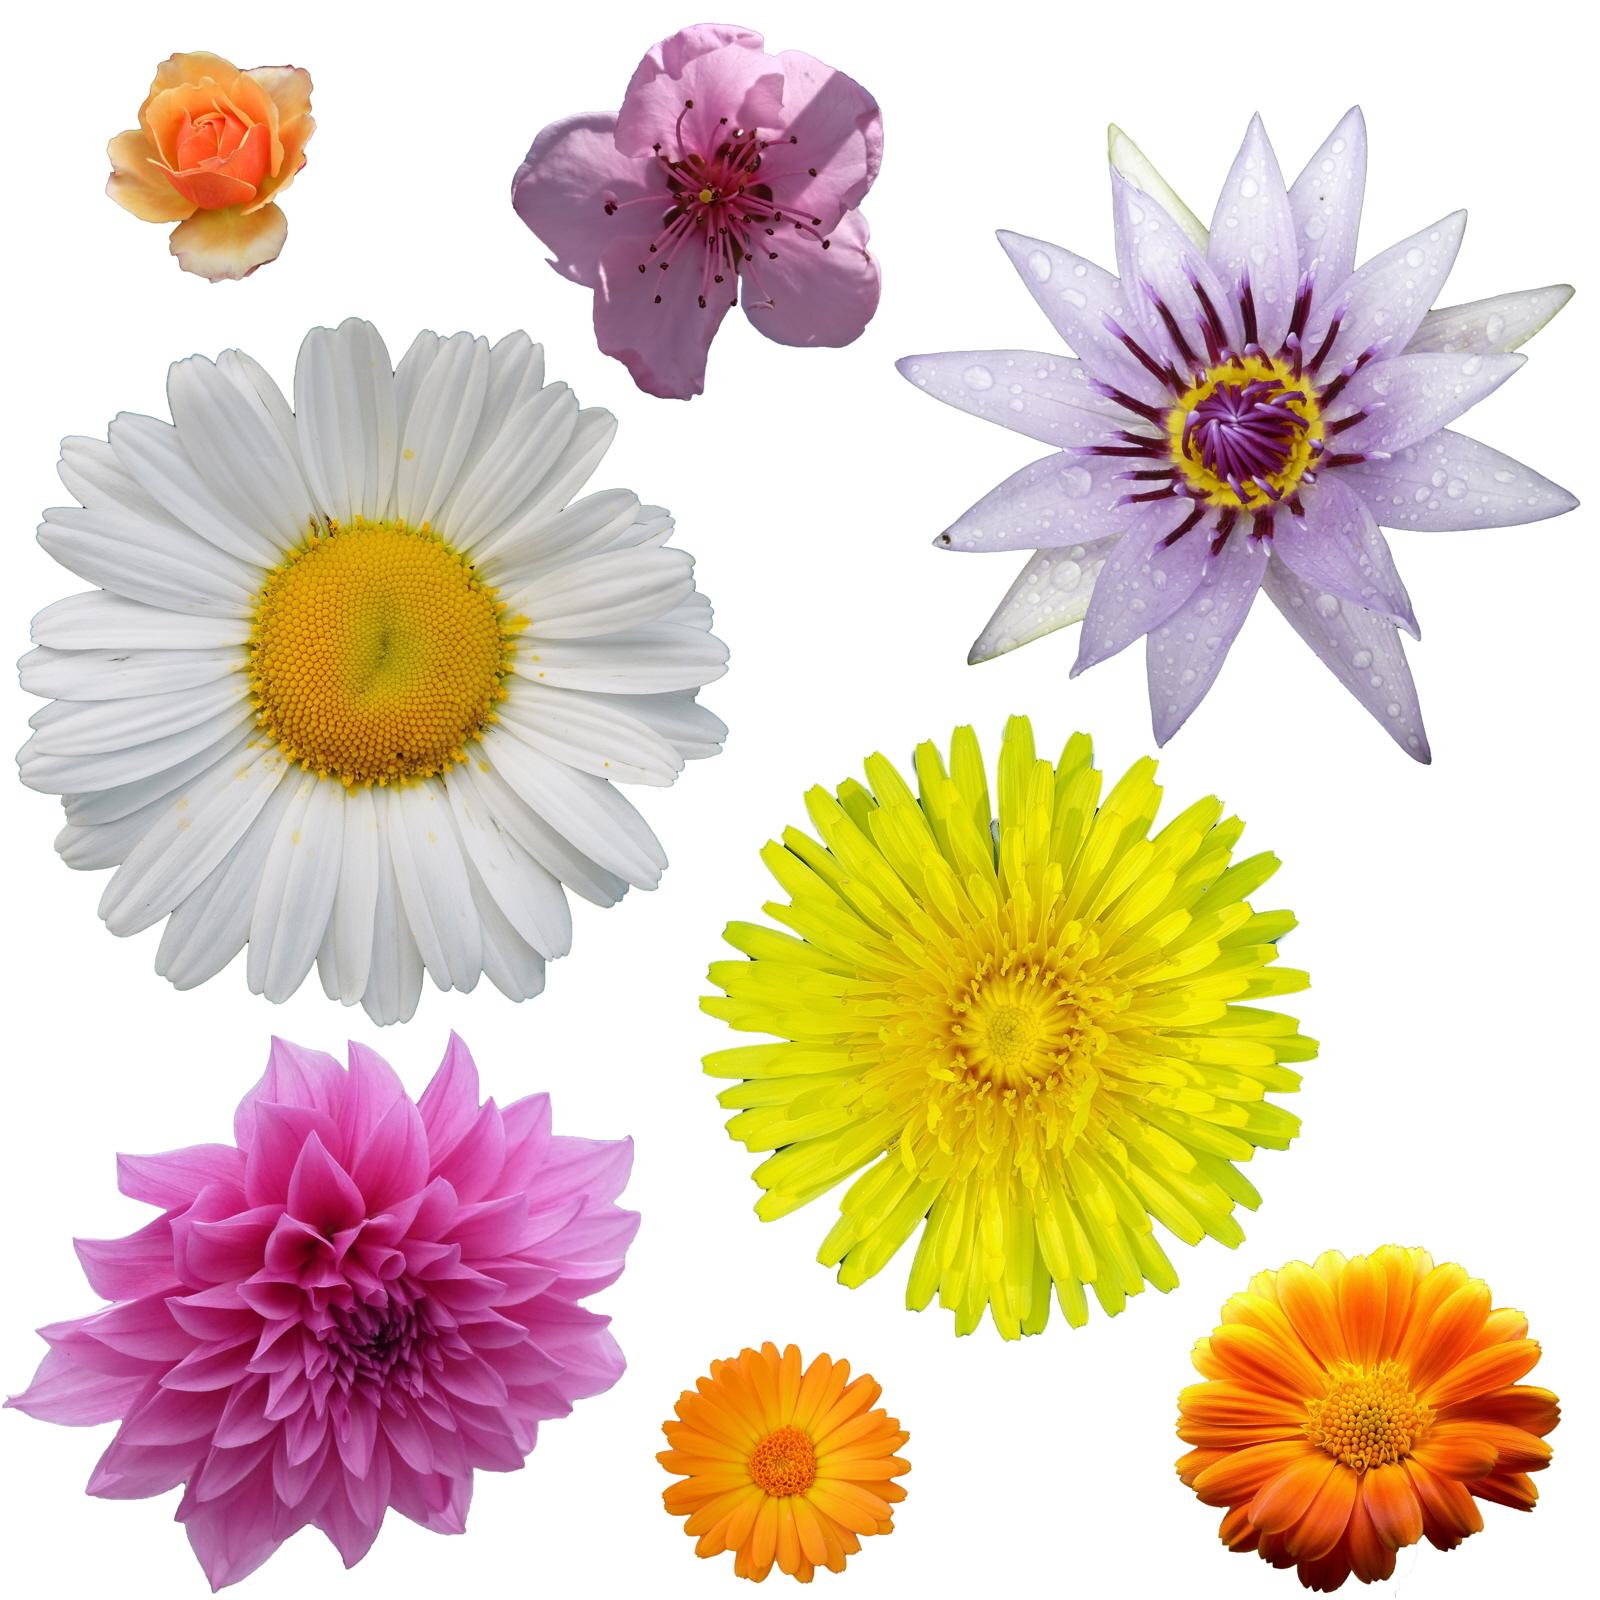 Daisy Flower Craft For Preschool